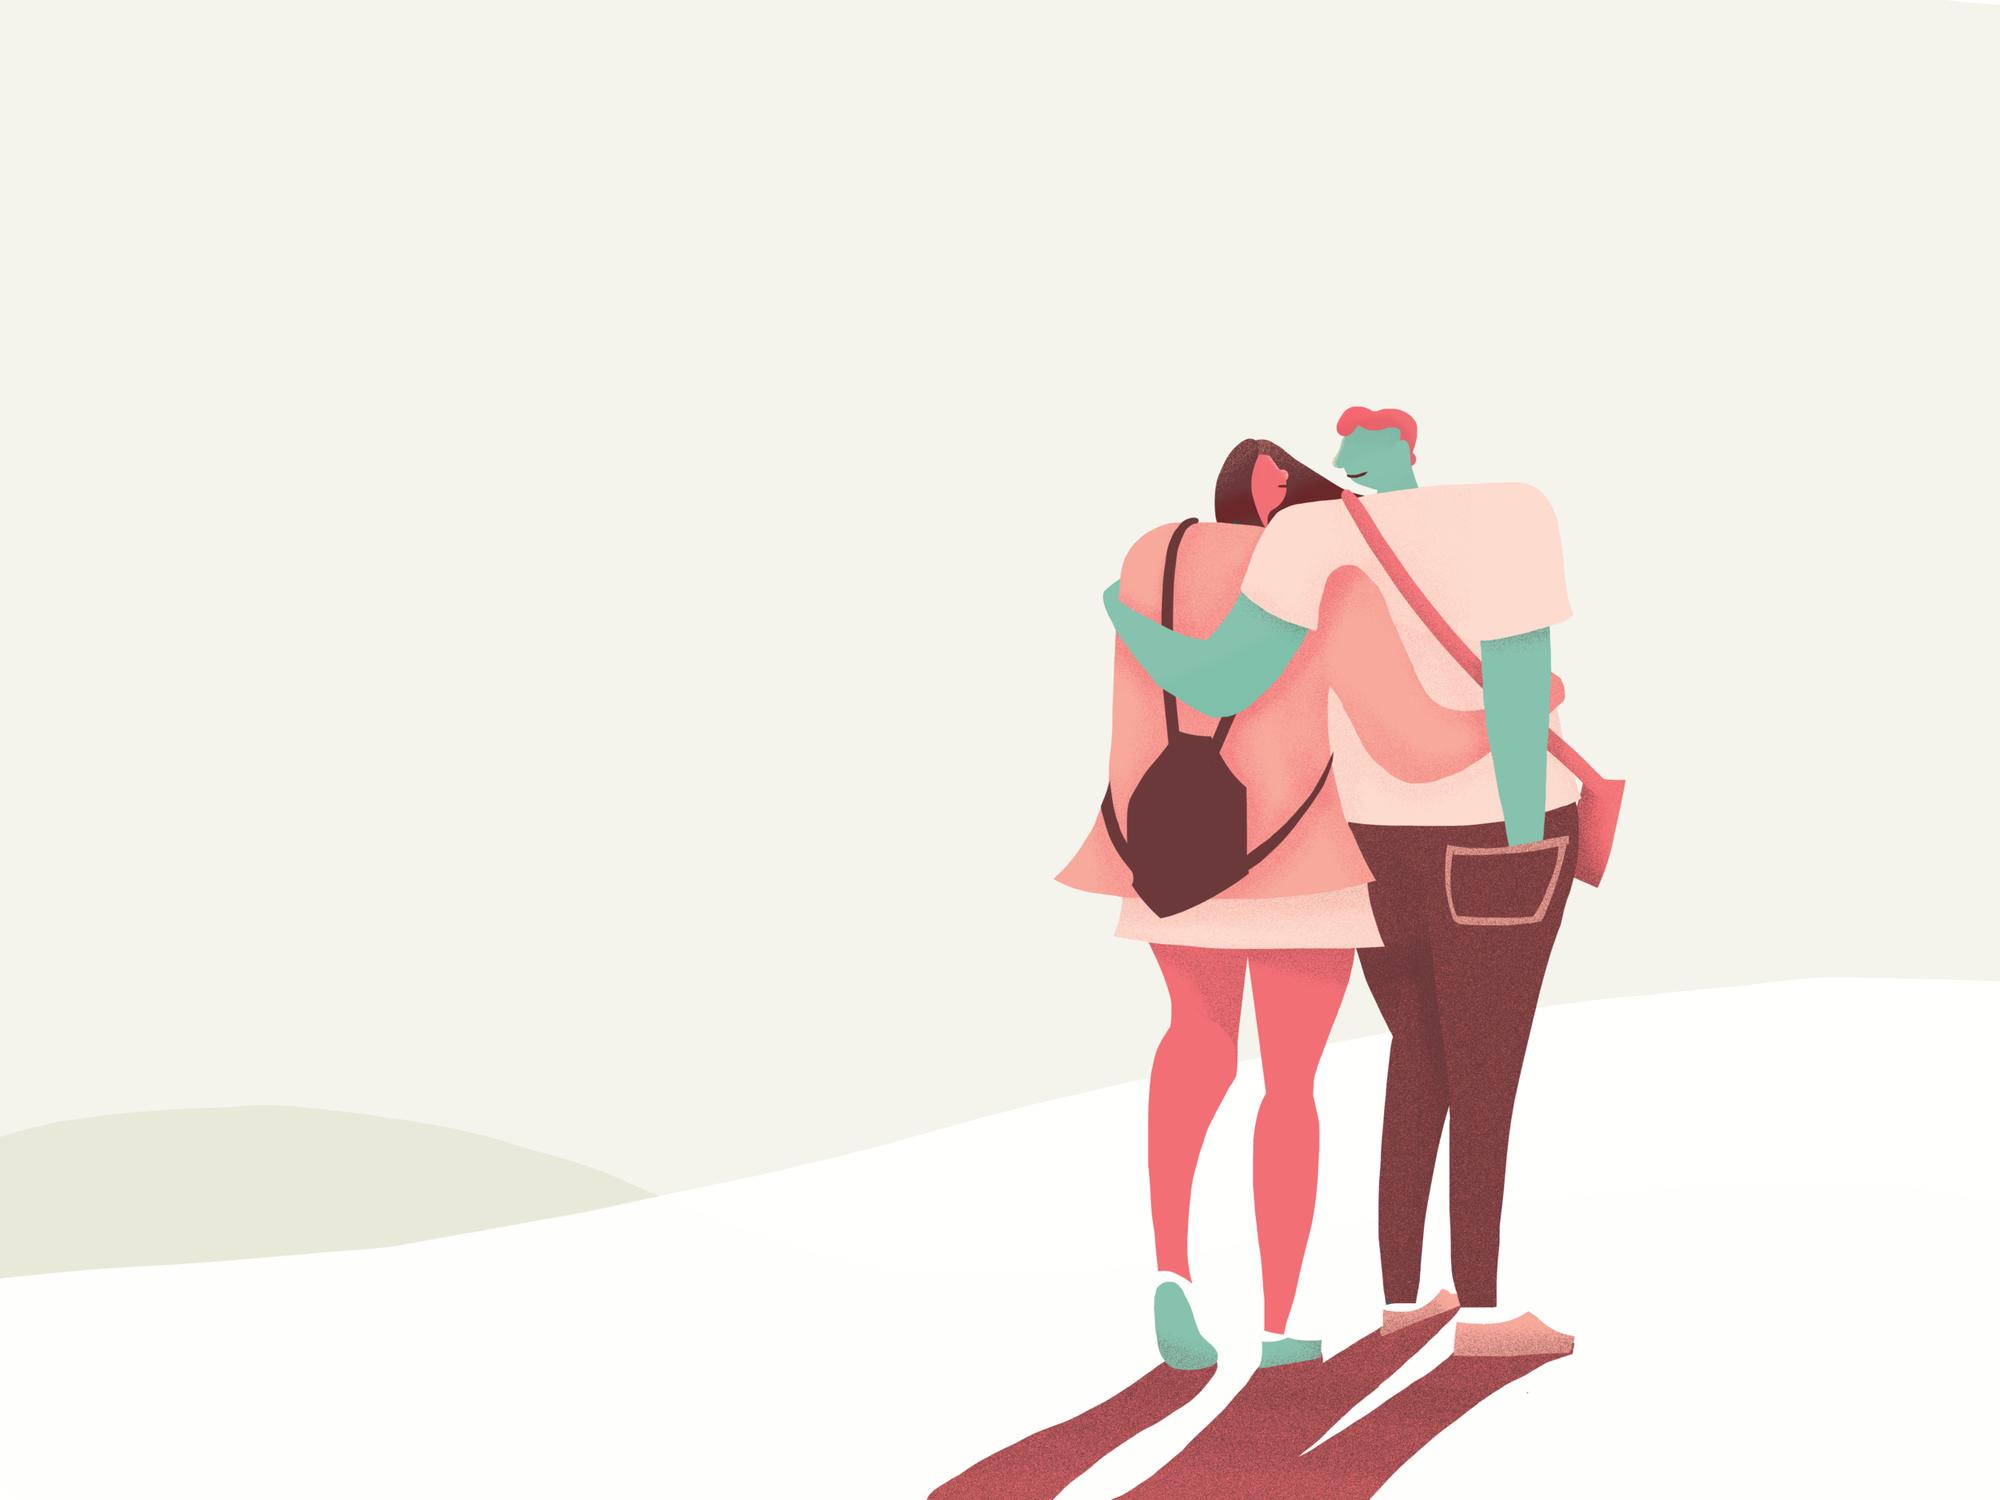 10 câu chuyện tình yêu từ những cảm xúc không gọi thành lời - Ảnh 1.